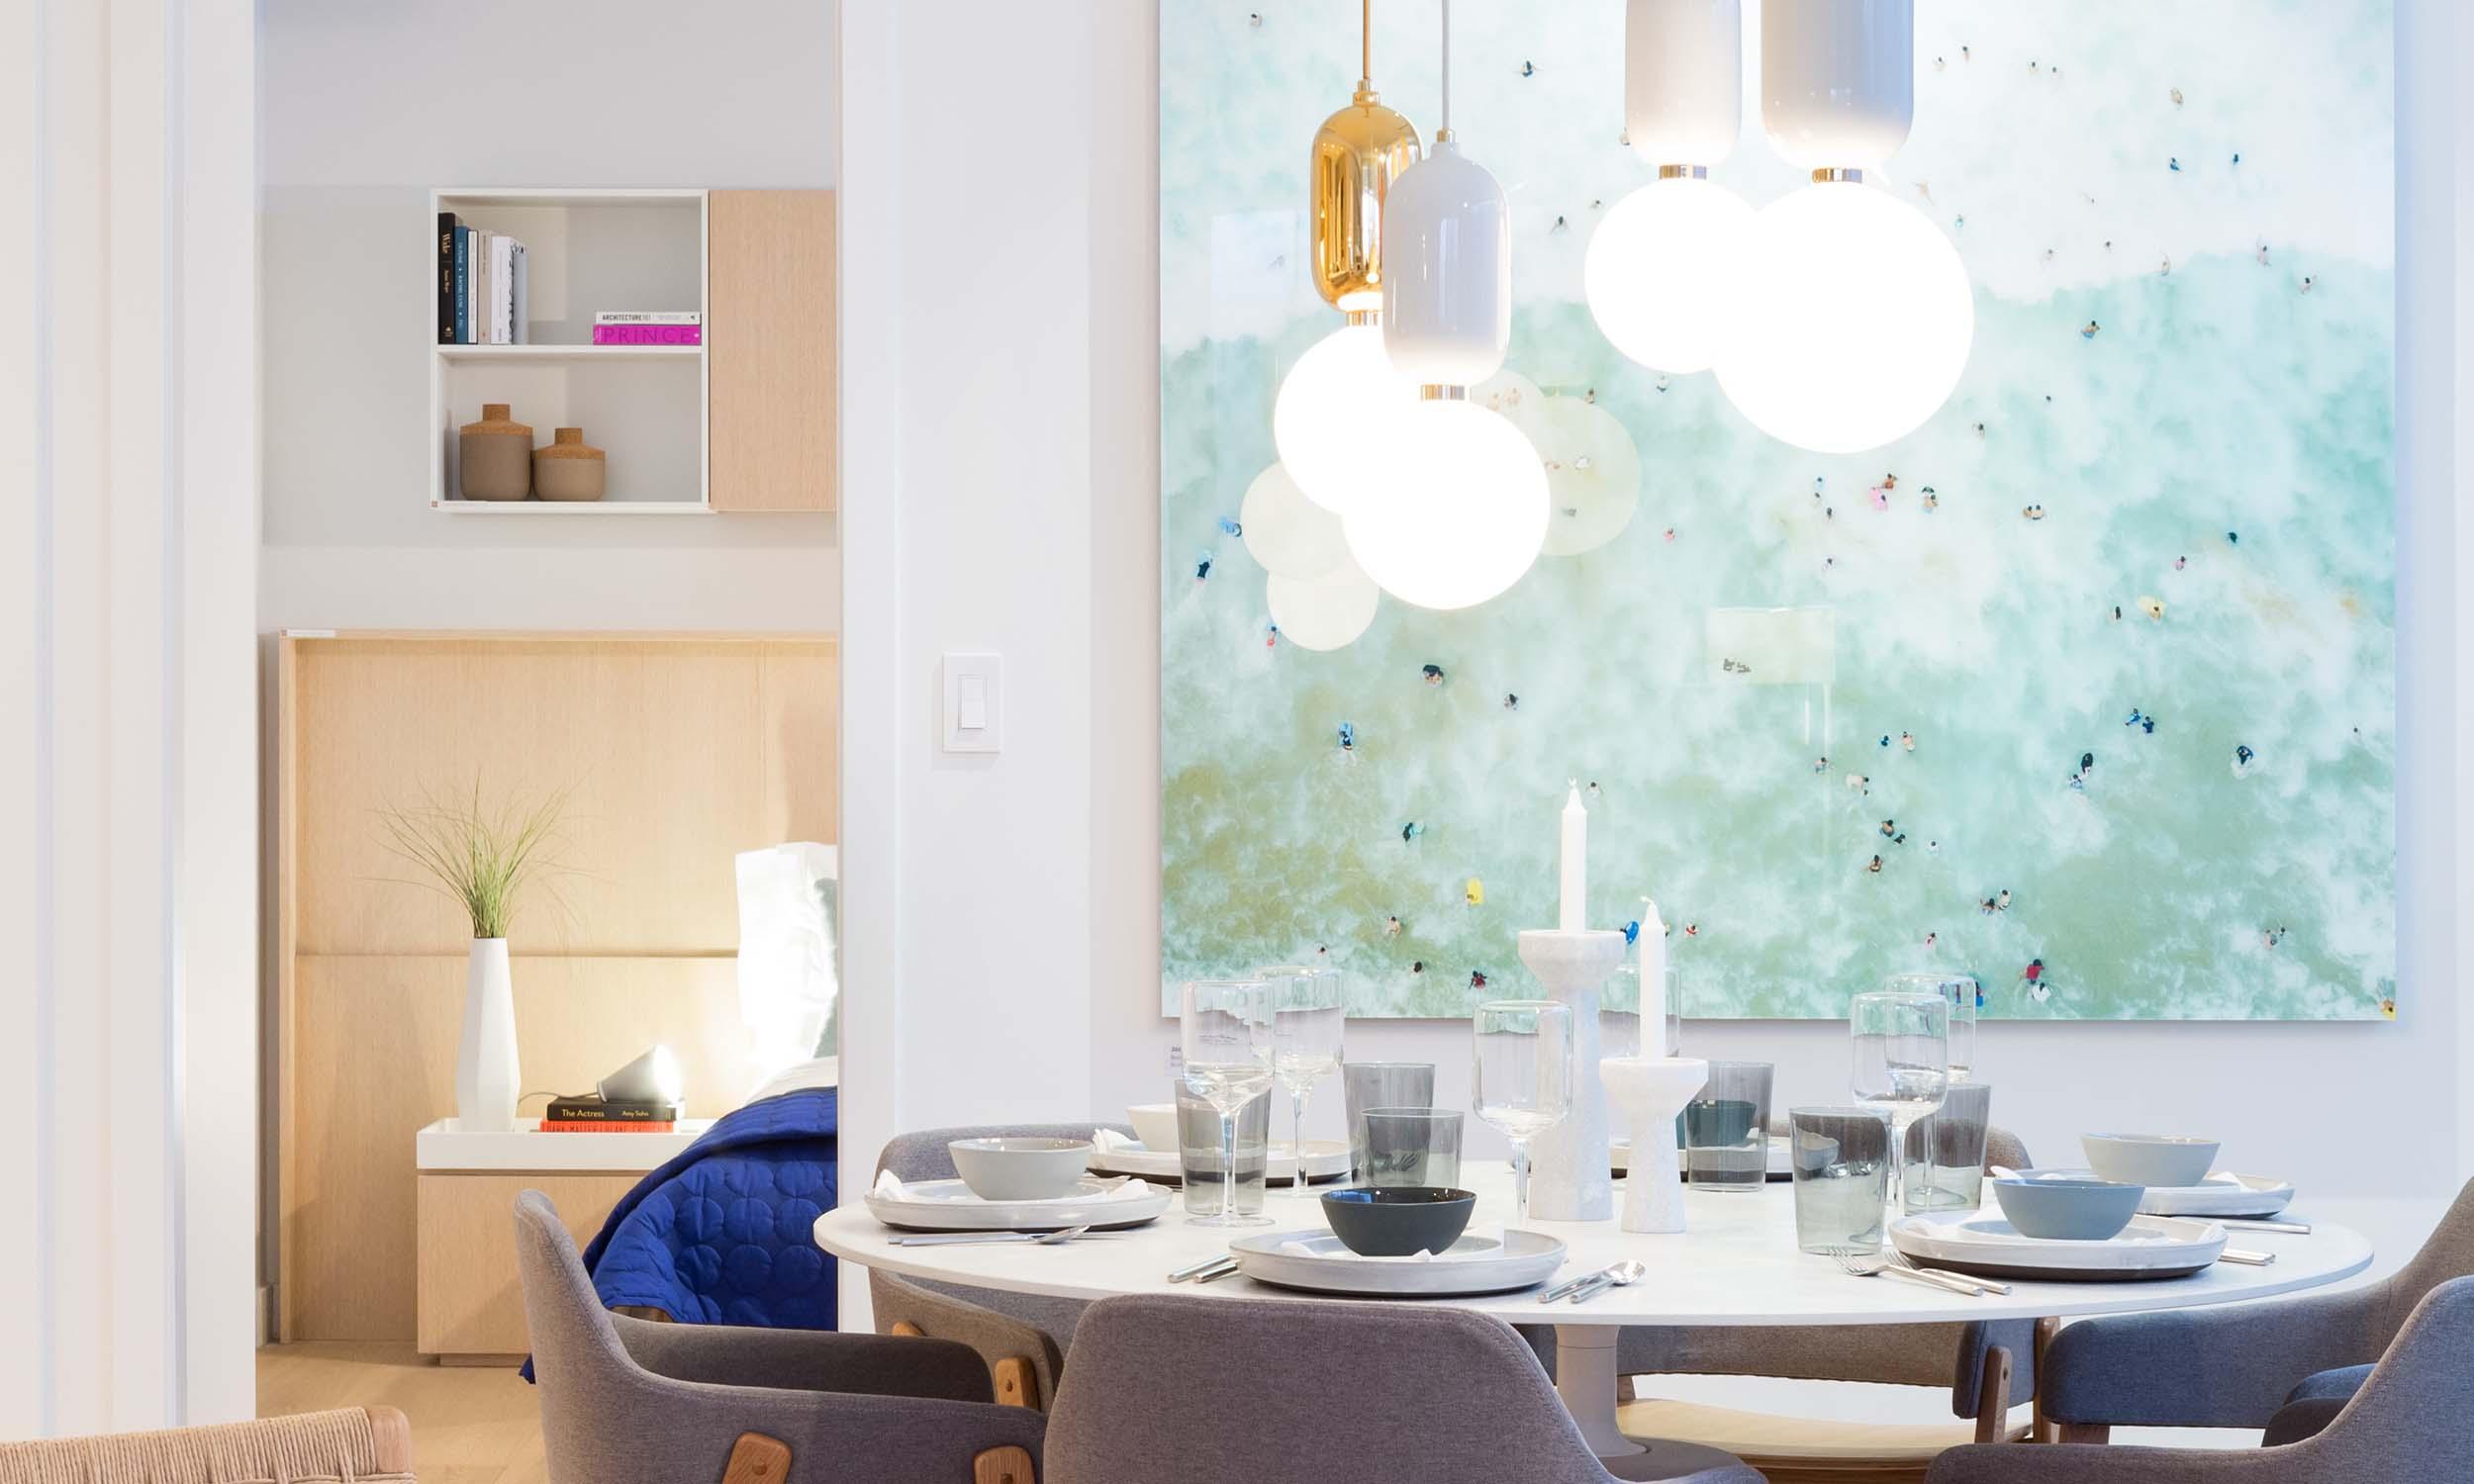 interior_0000_kitchen